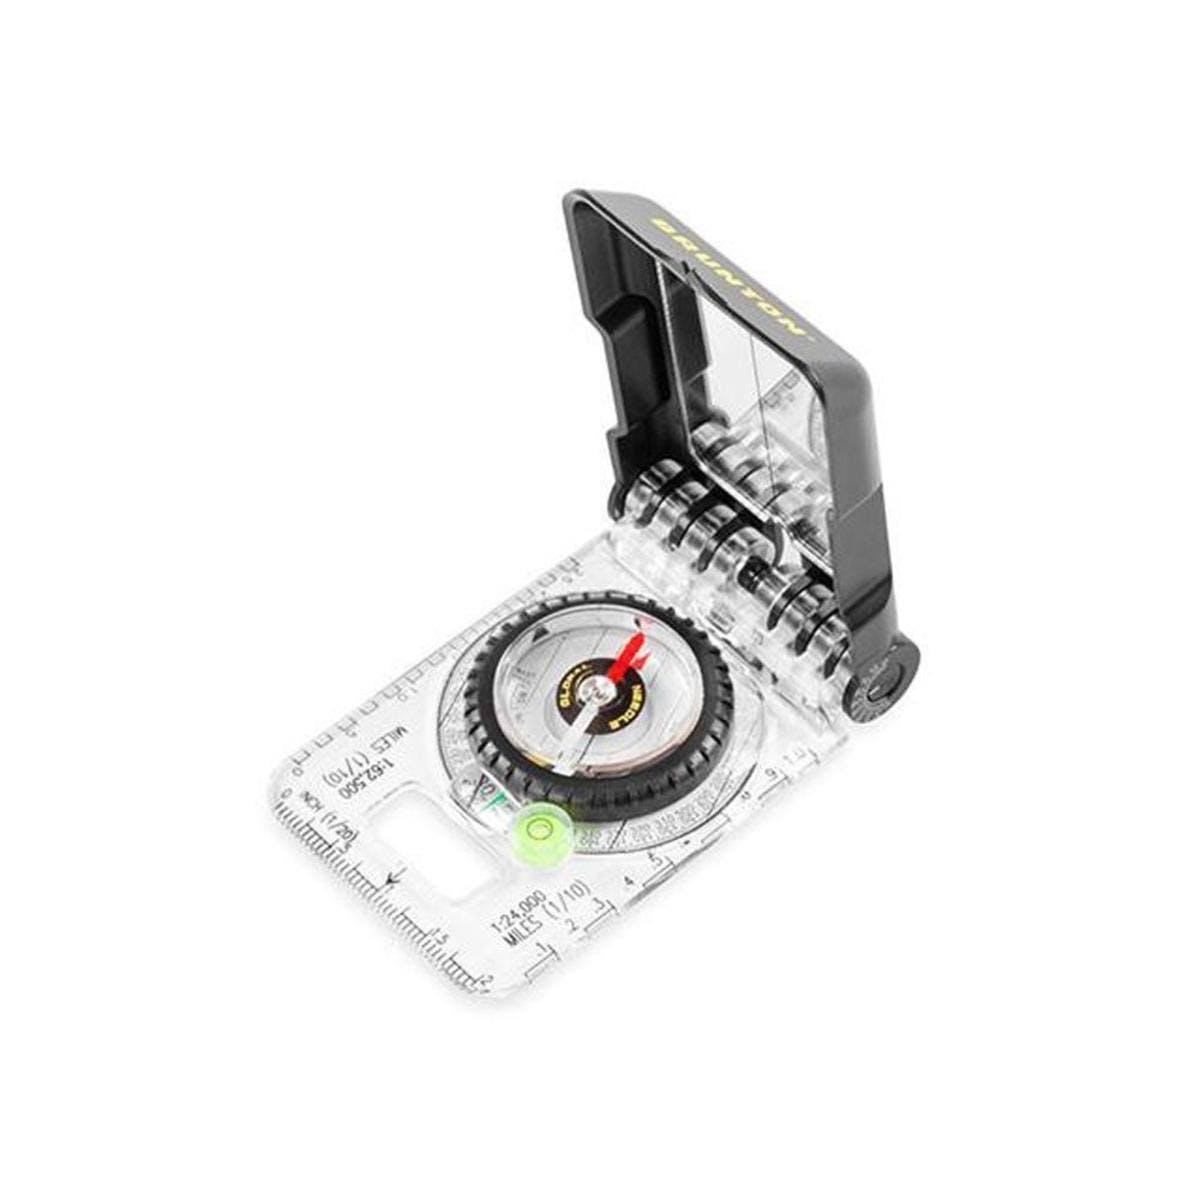 Brunton Truarc15 Mirror Compass (Metric)